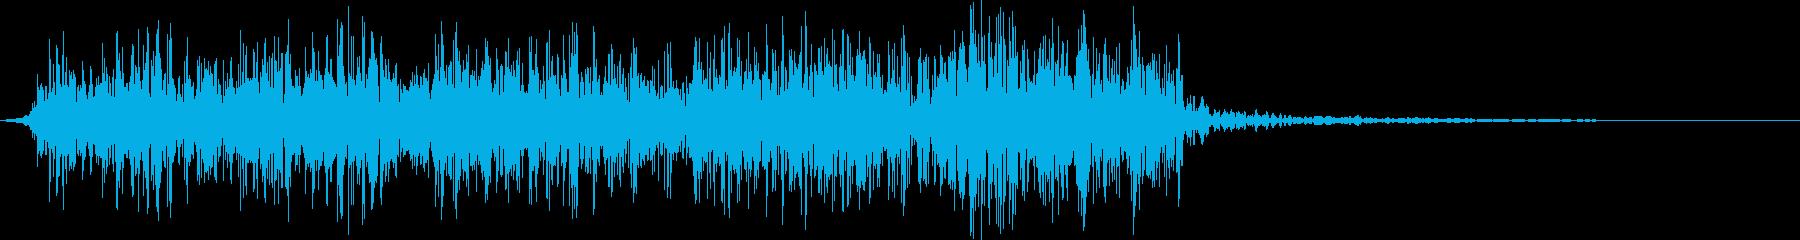 【ゲーム】 環境音 火 属性 11の再生済みの波形